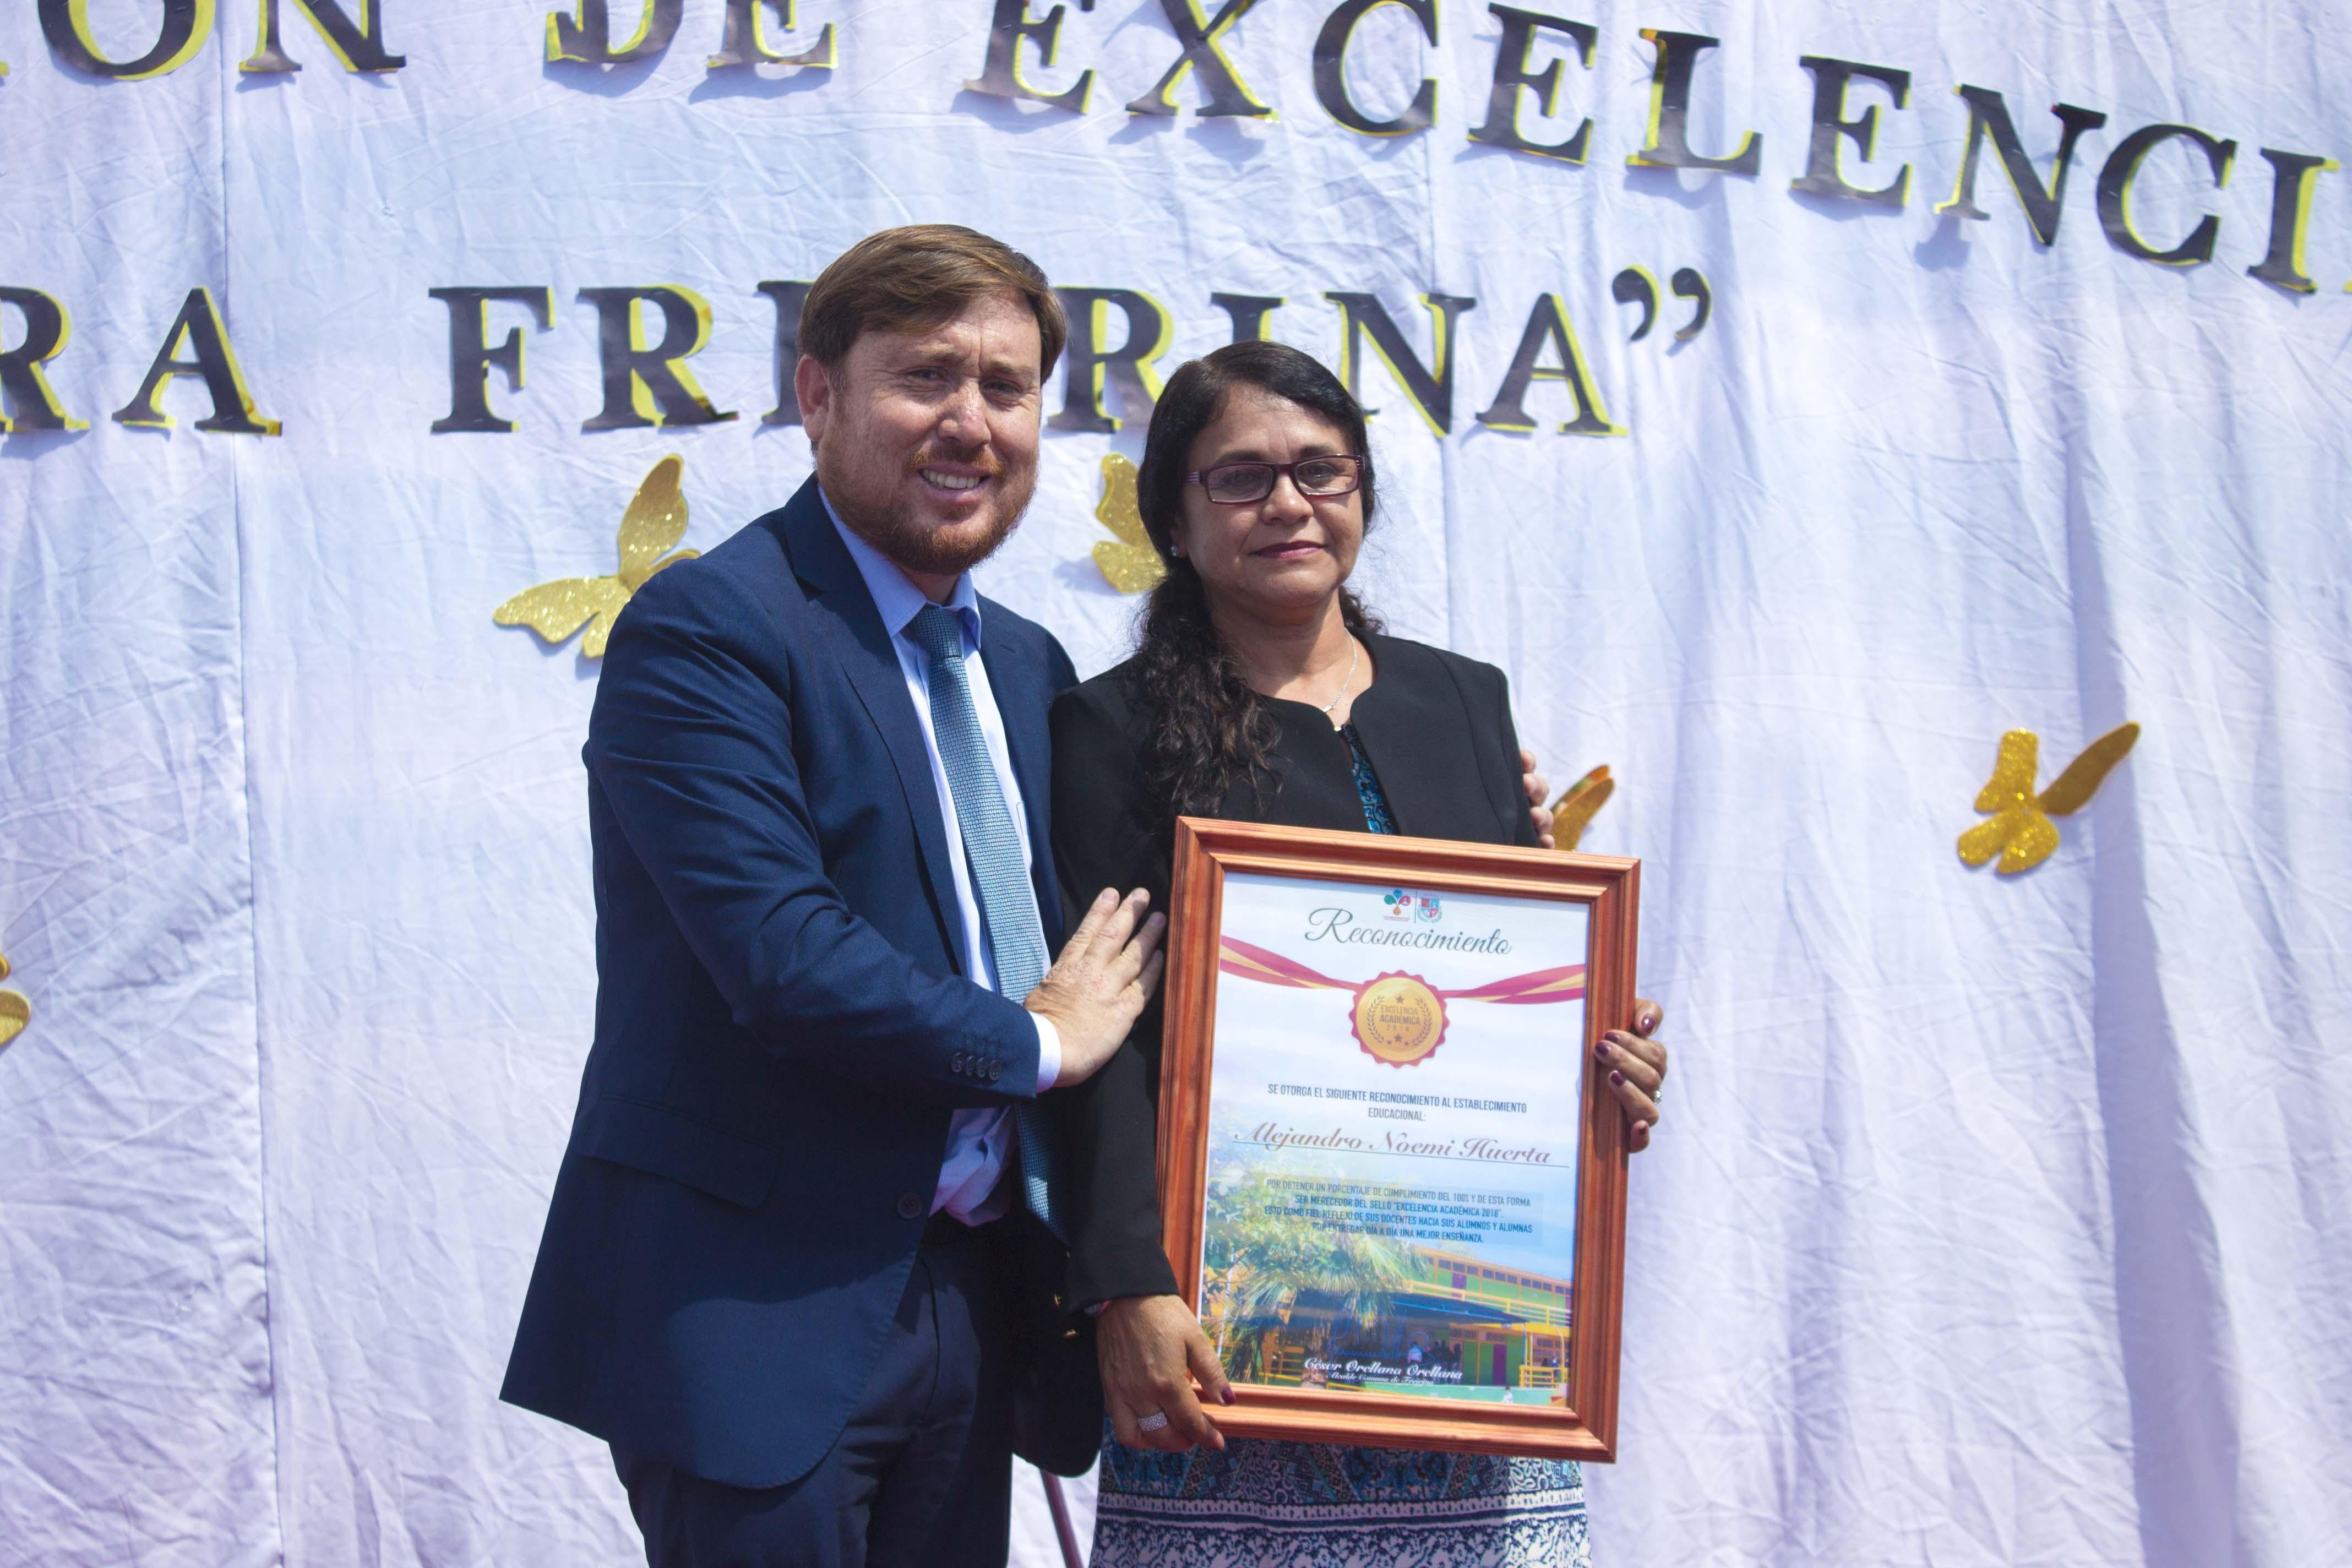 Entregan reconocimiento a escuela Alejandro Noemí Huerta por Excelencia Académica